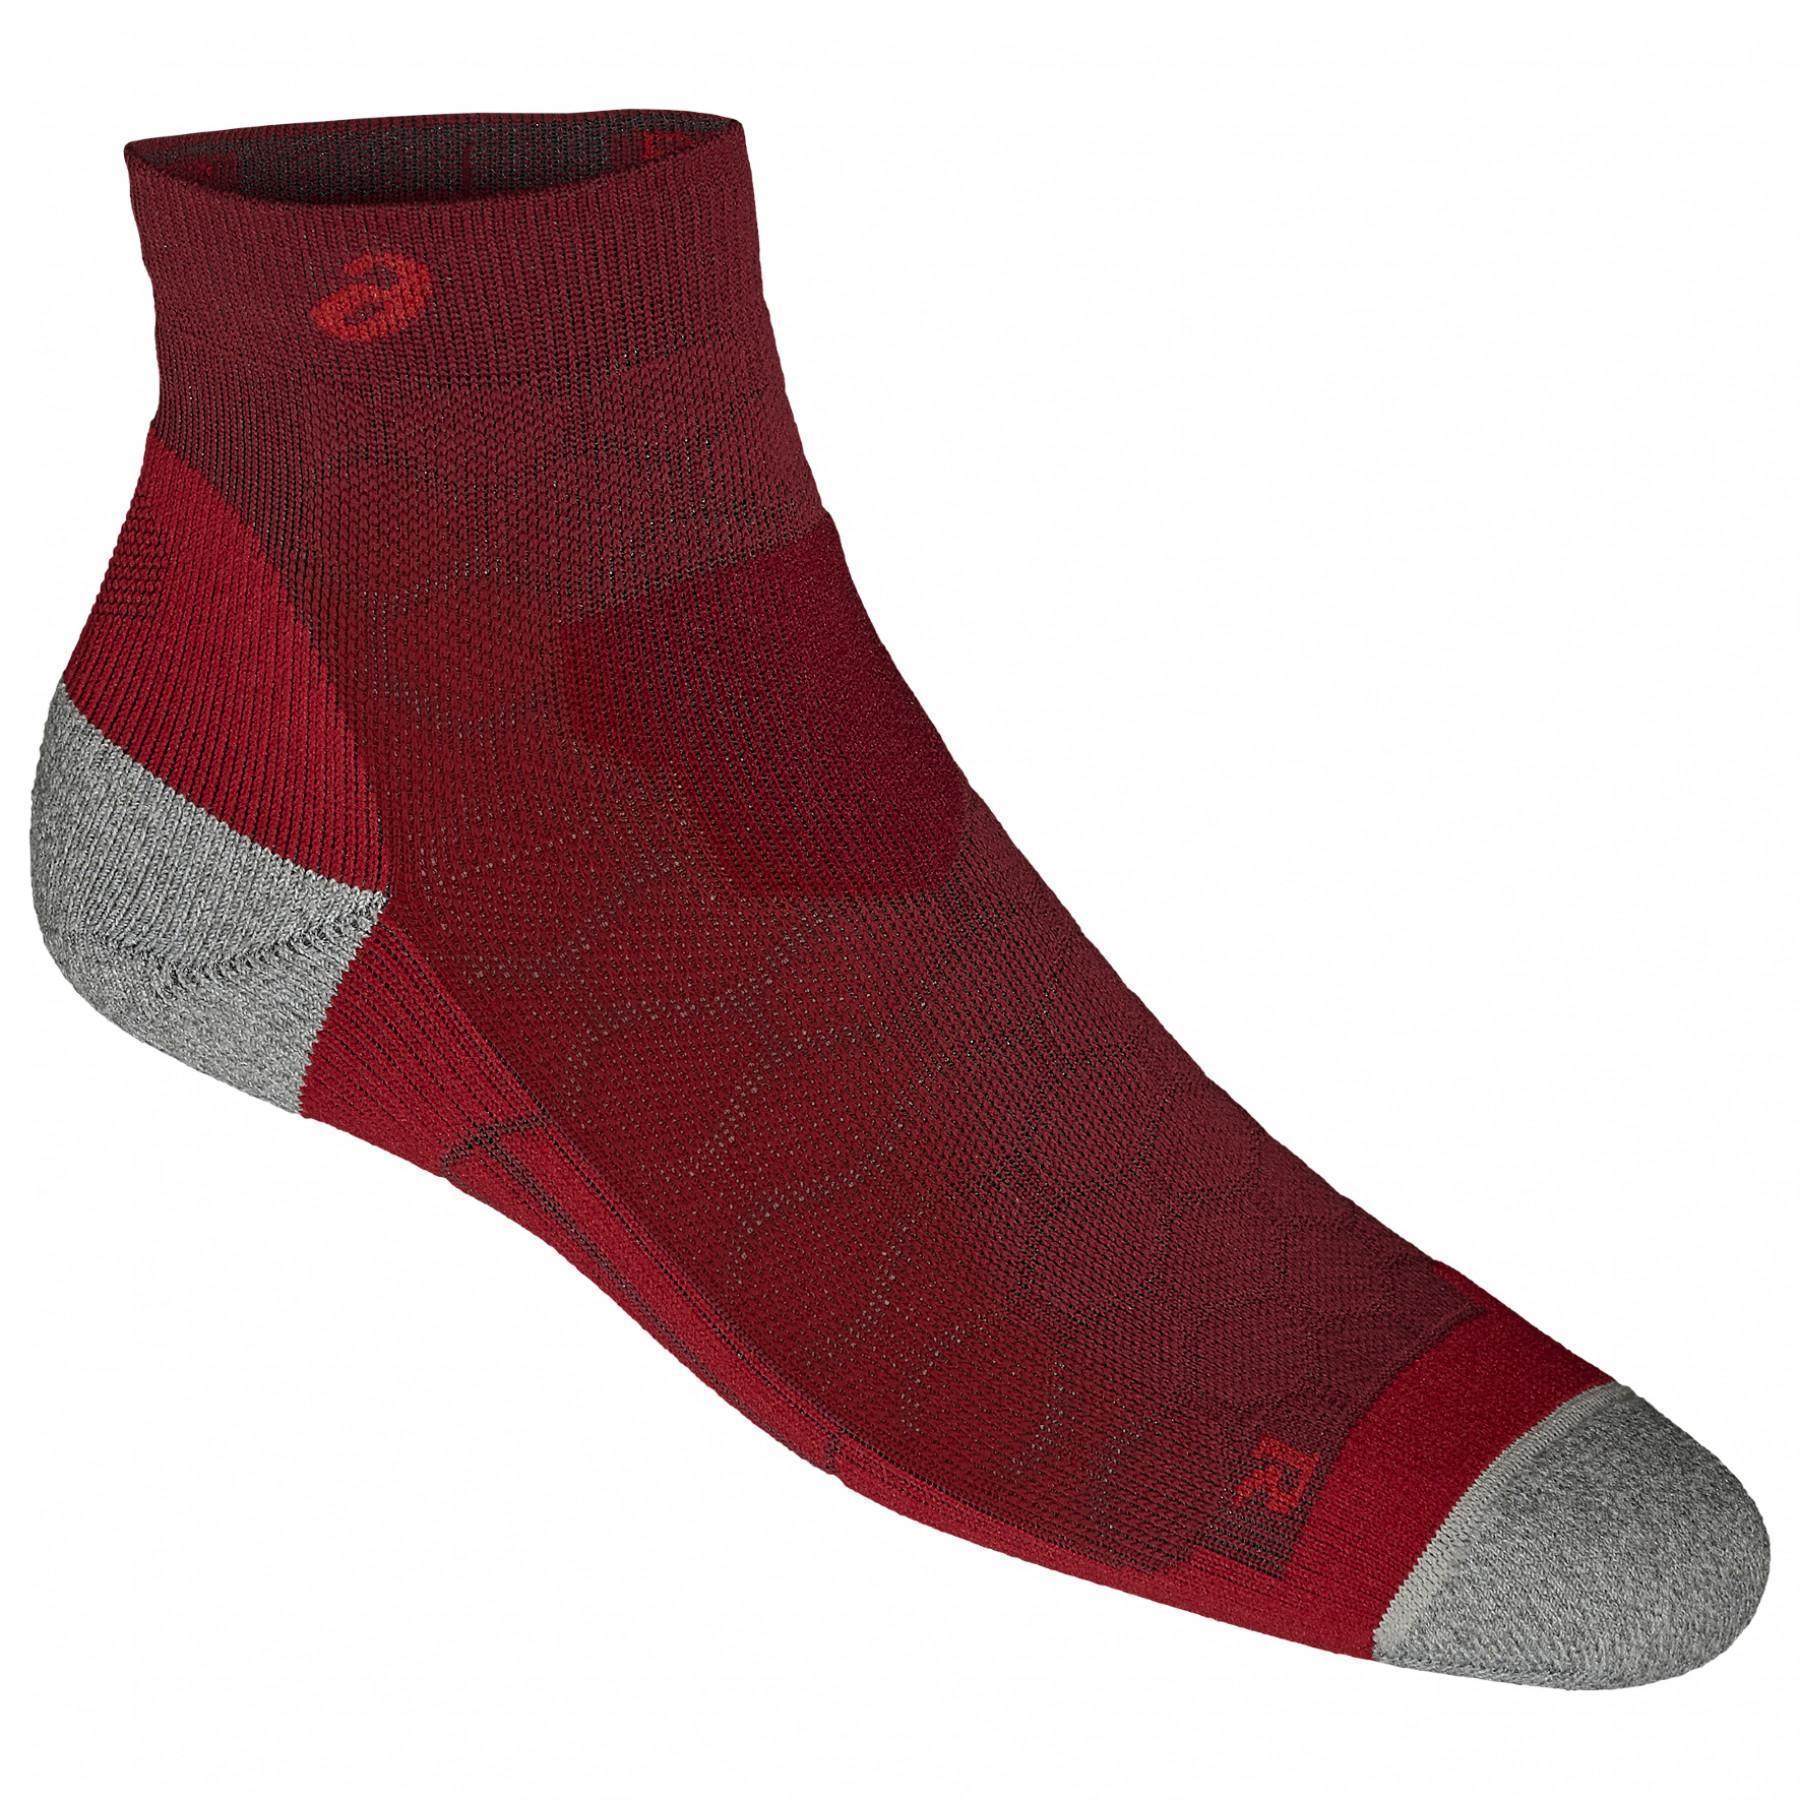 Socks Asics Road quarter